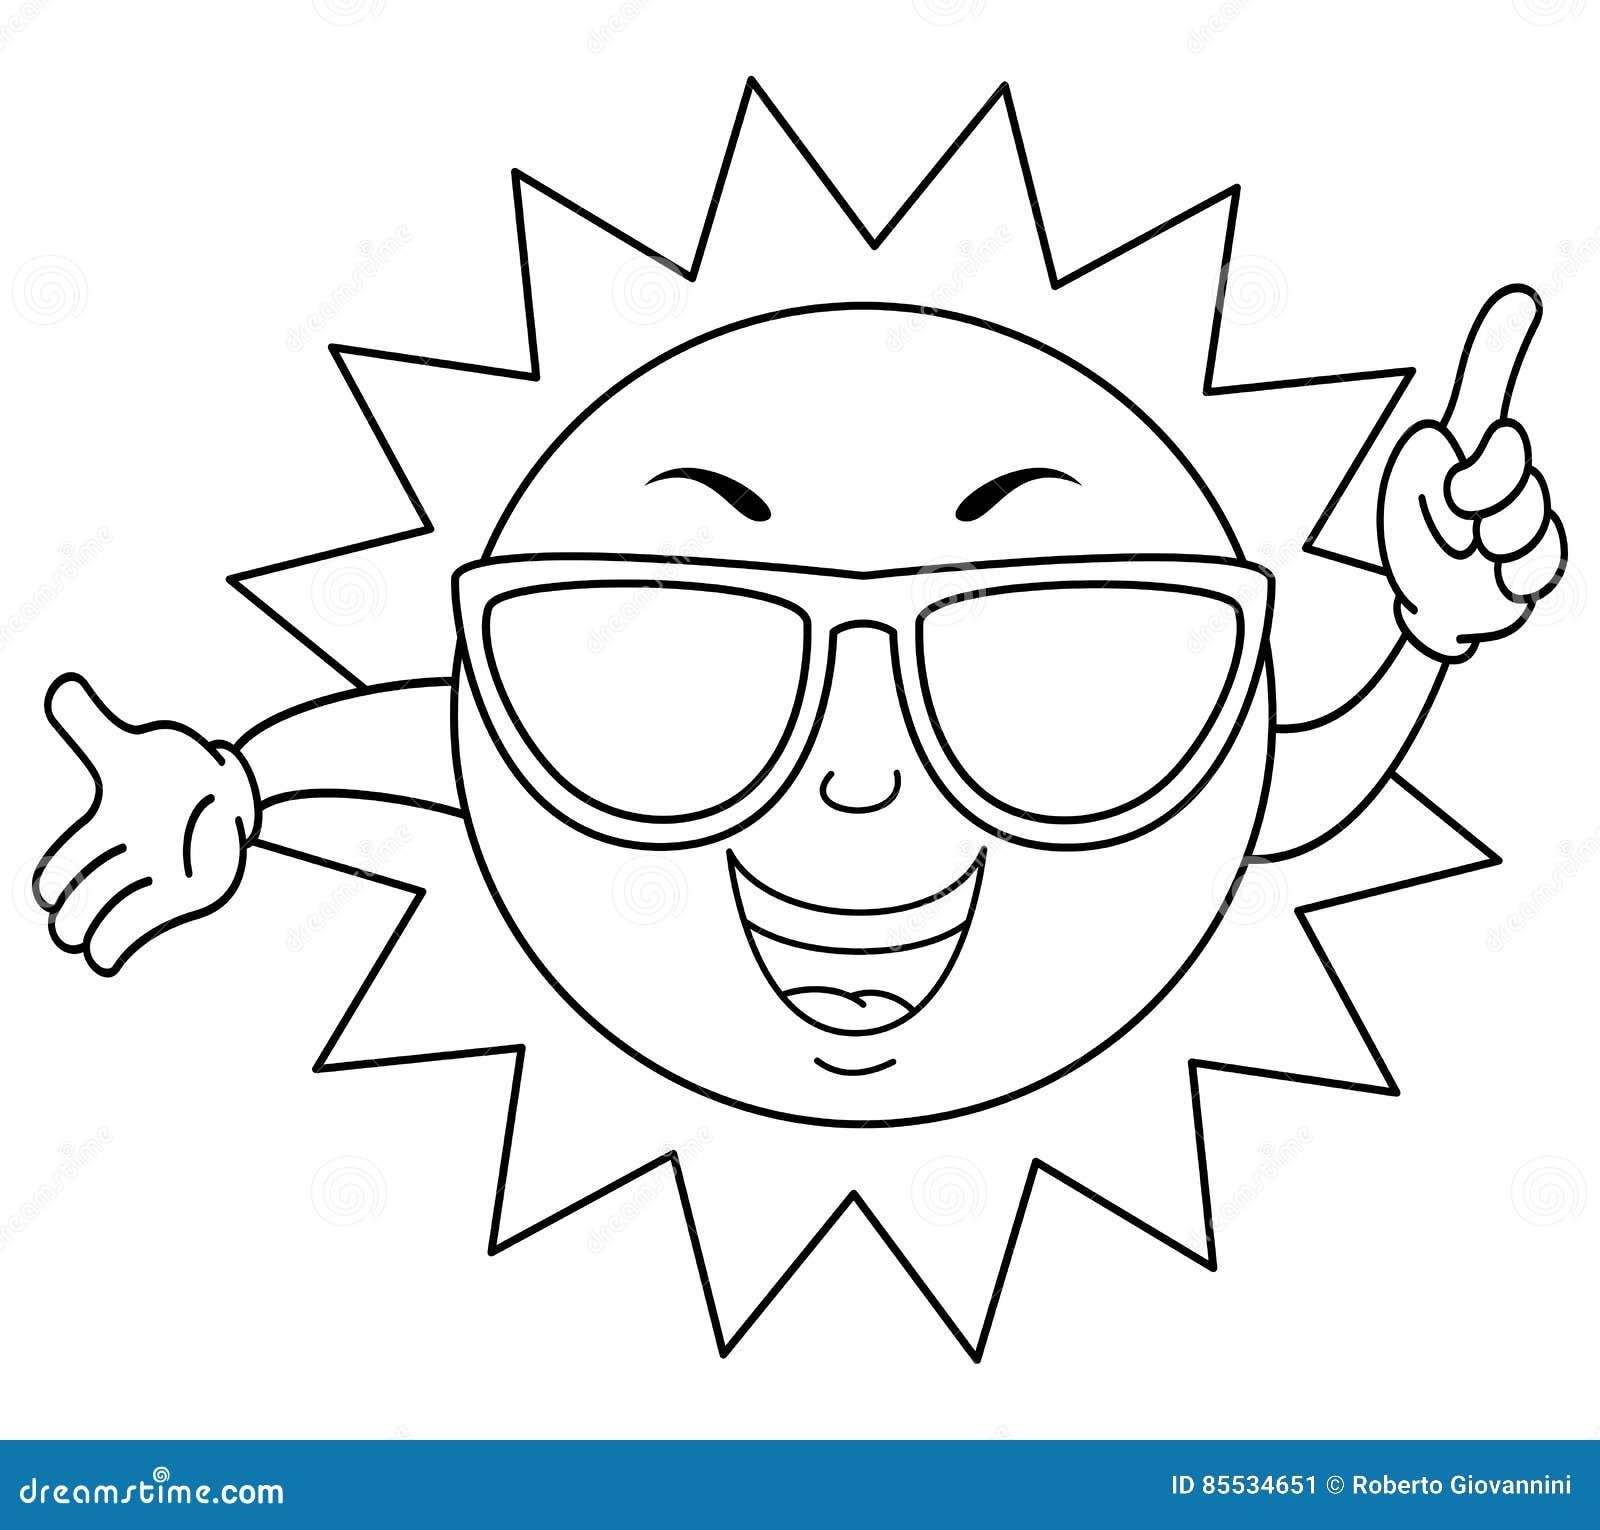 Increíble Sol De Verano Para Colorear Galería - Enmarcado Para ...